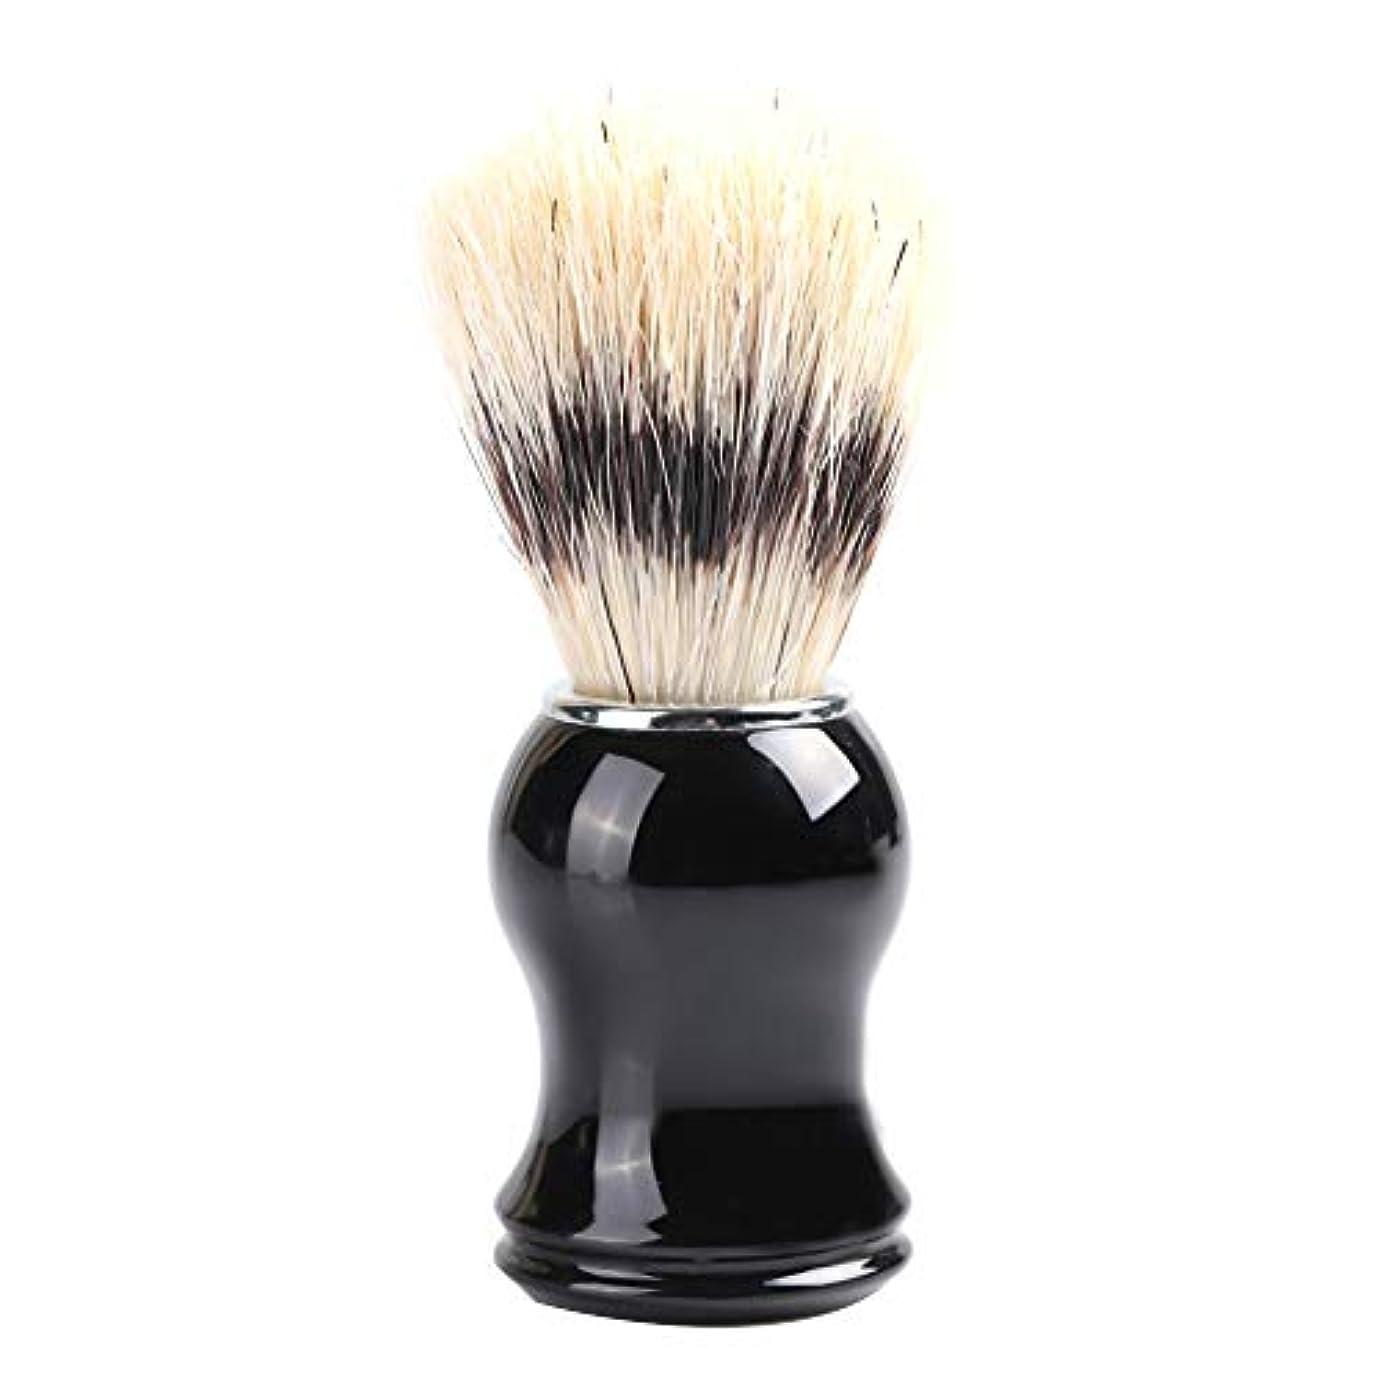 刺激するクラックポットカジュアルひげブラシ 髭剃り メンズ シェービングブラシ 木製コム 毛髭ブラシバッガーヘア シェービングブラシ ポータブルひげ剃り美容(ナイロン)